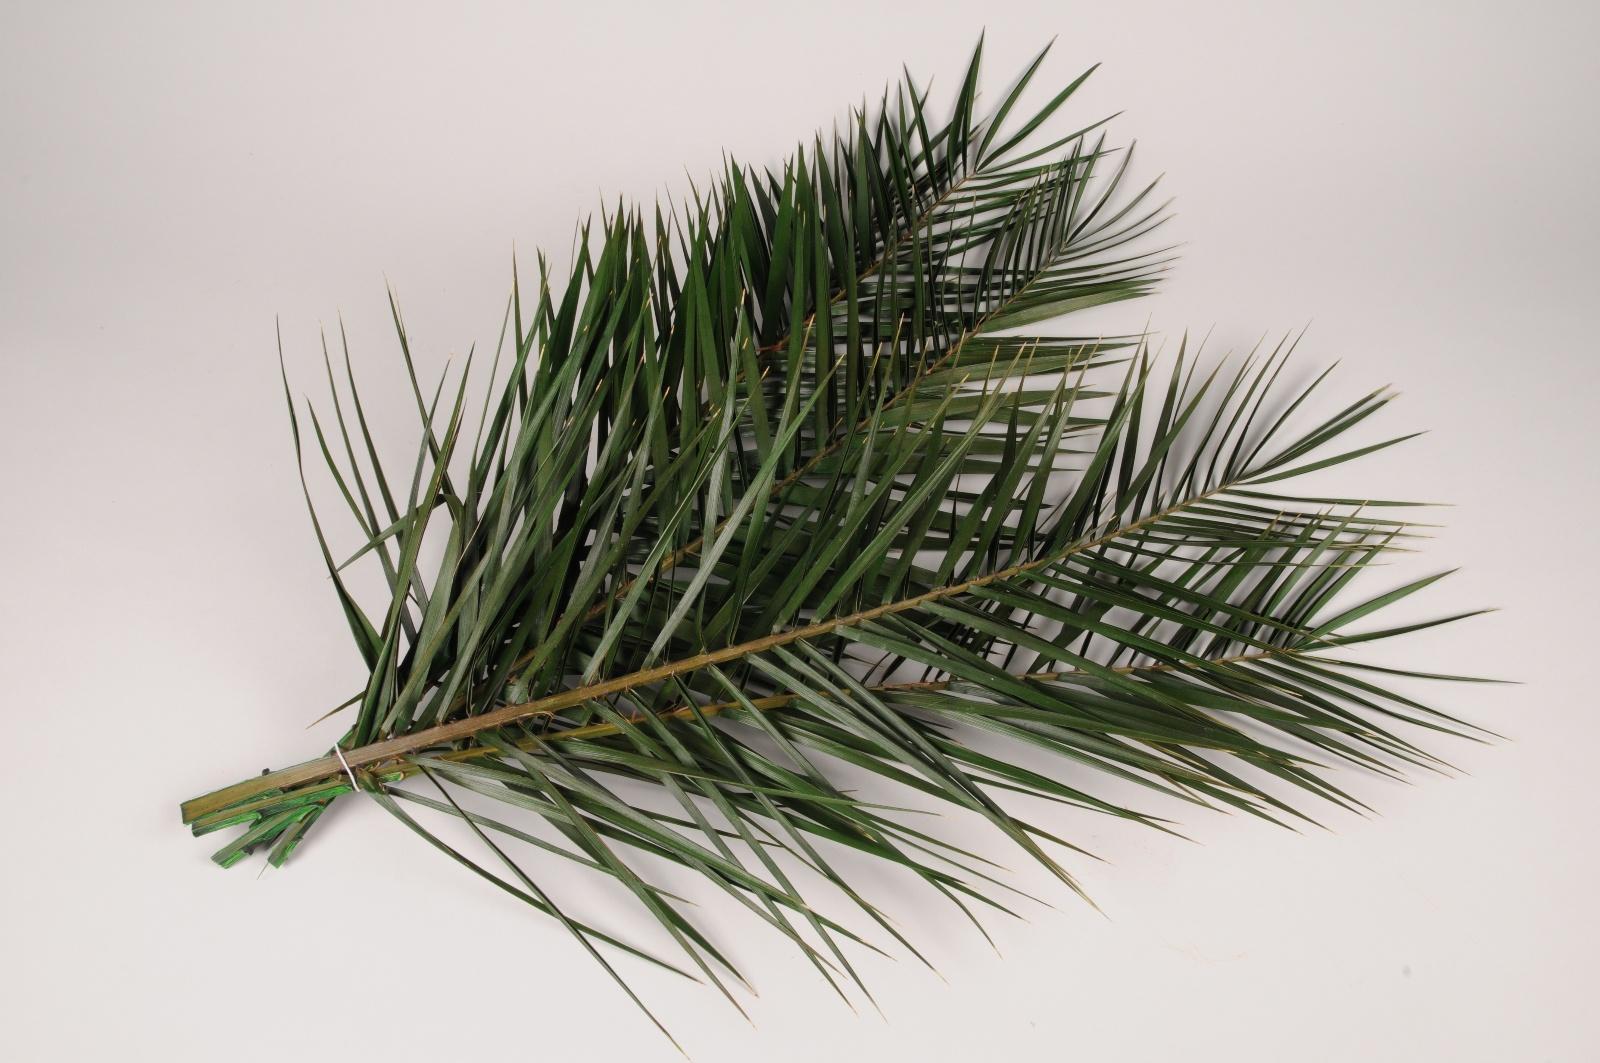 pf06vv Set de 5 feuilles de palme stabilisées vertes H78cm